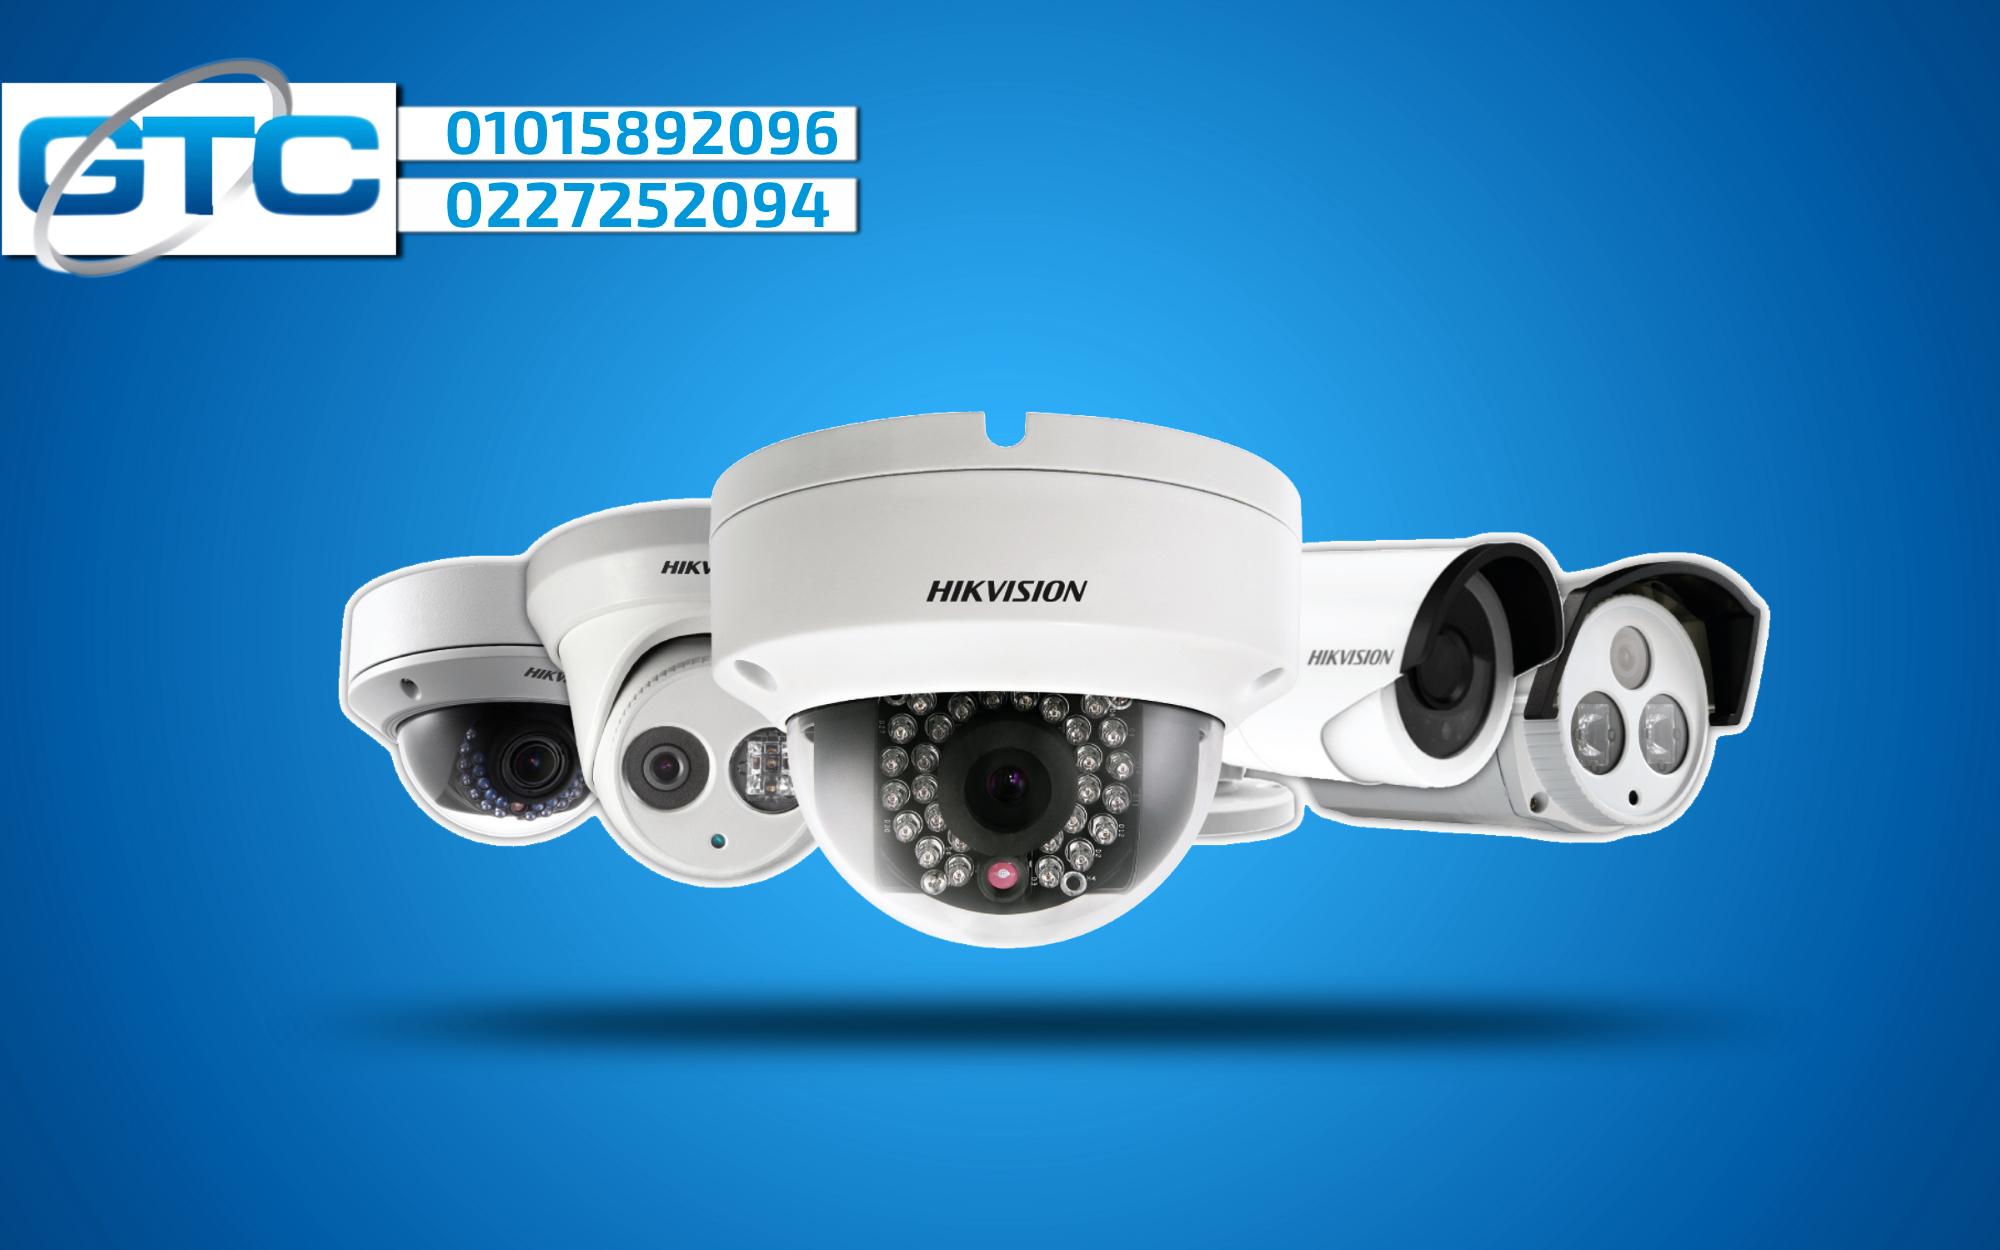 كاميرات مراقبة من شركه جى تى سى GTC 3310